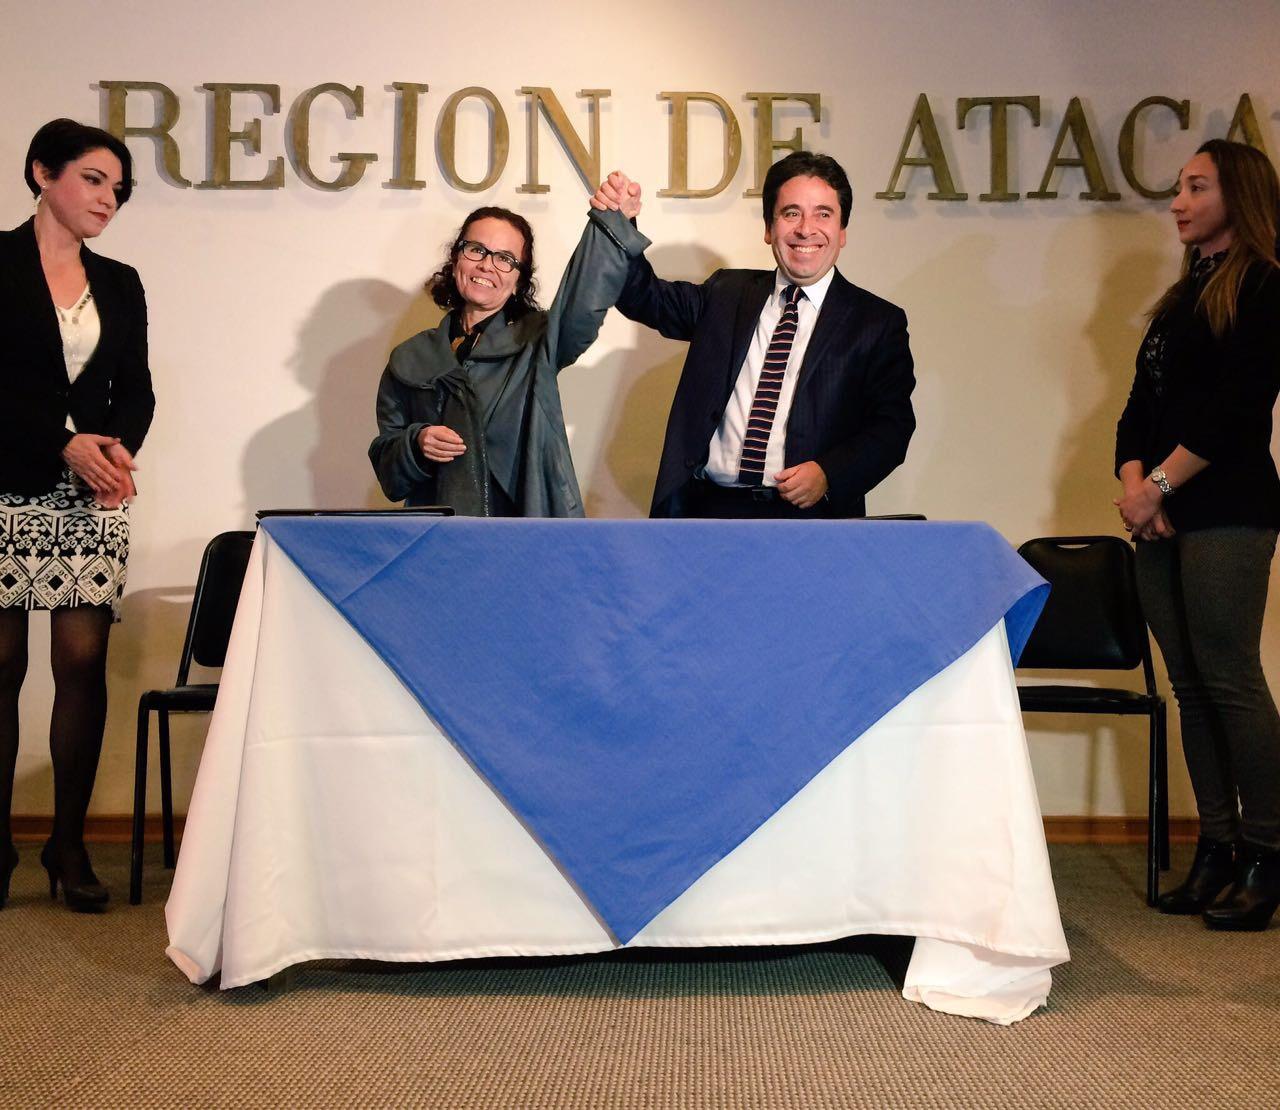 Alexandra Núñez Sorich asume formalmente como nueva Intendenta de la región de Atacama